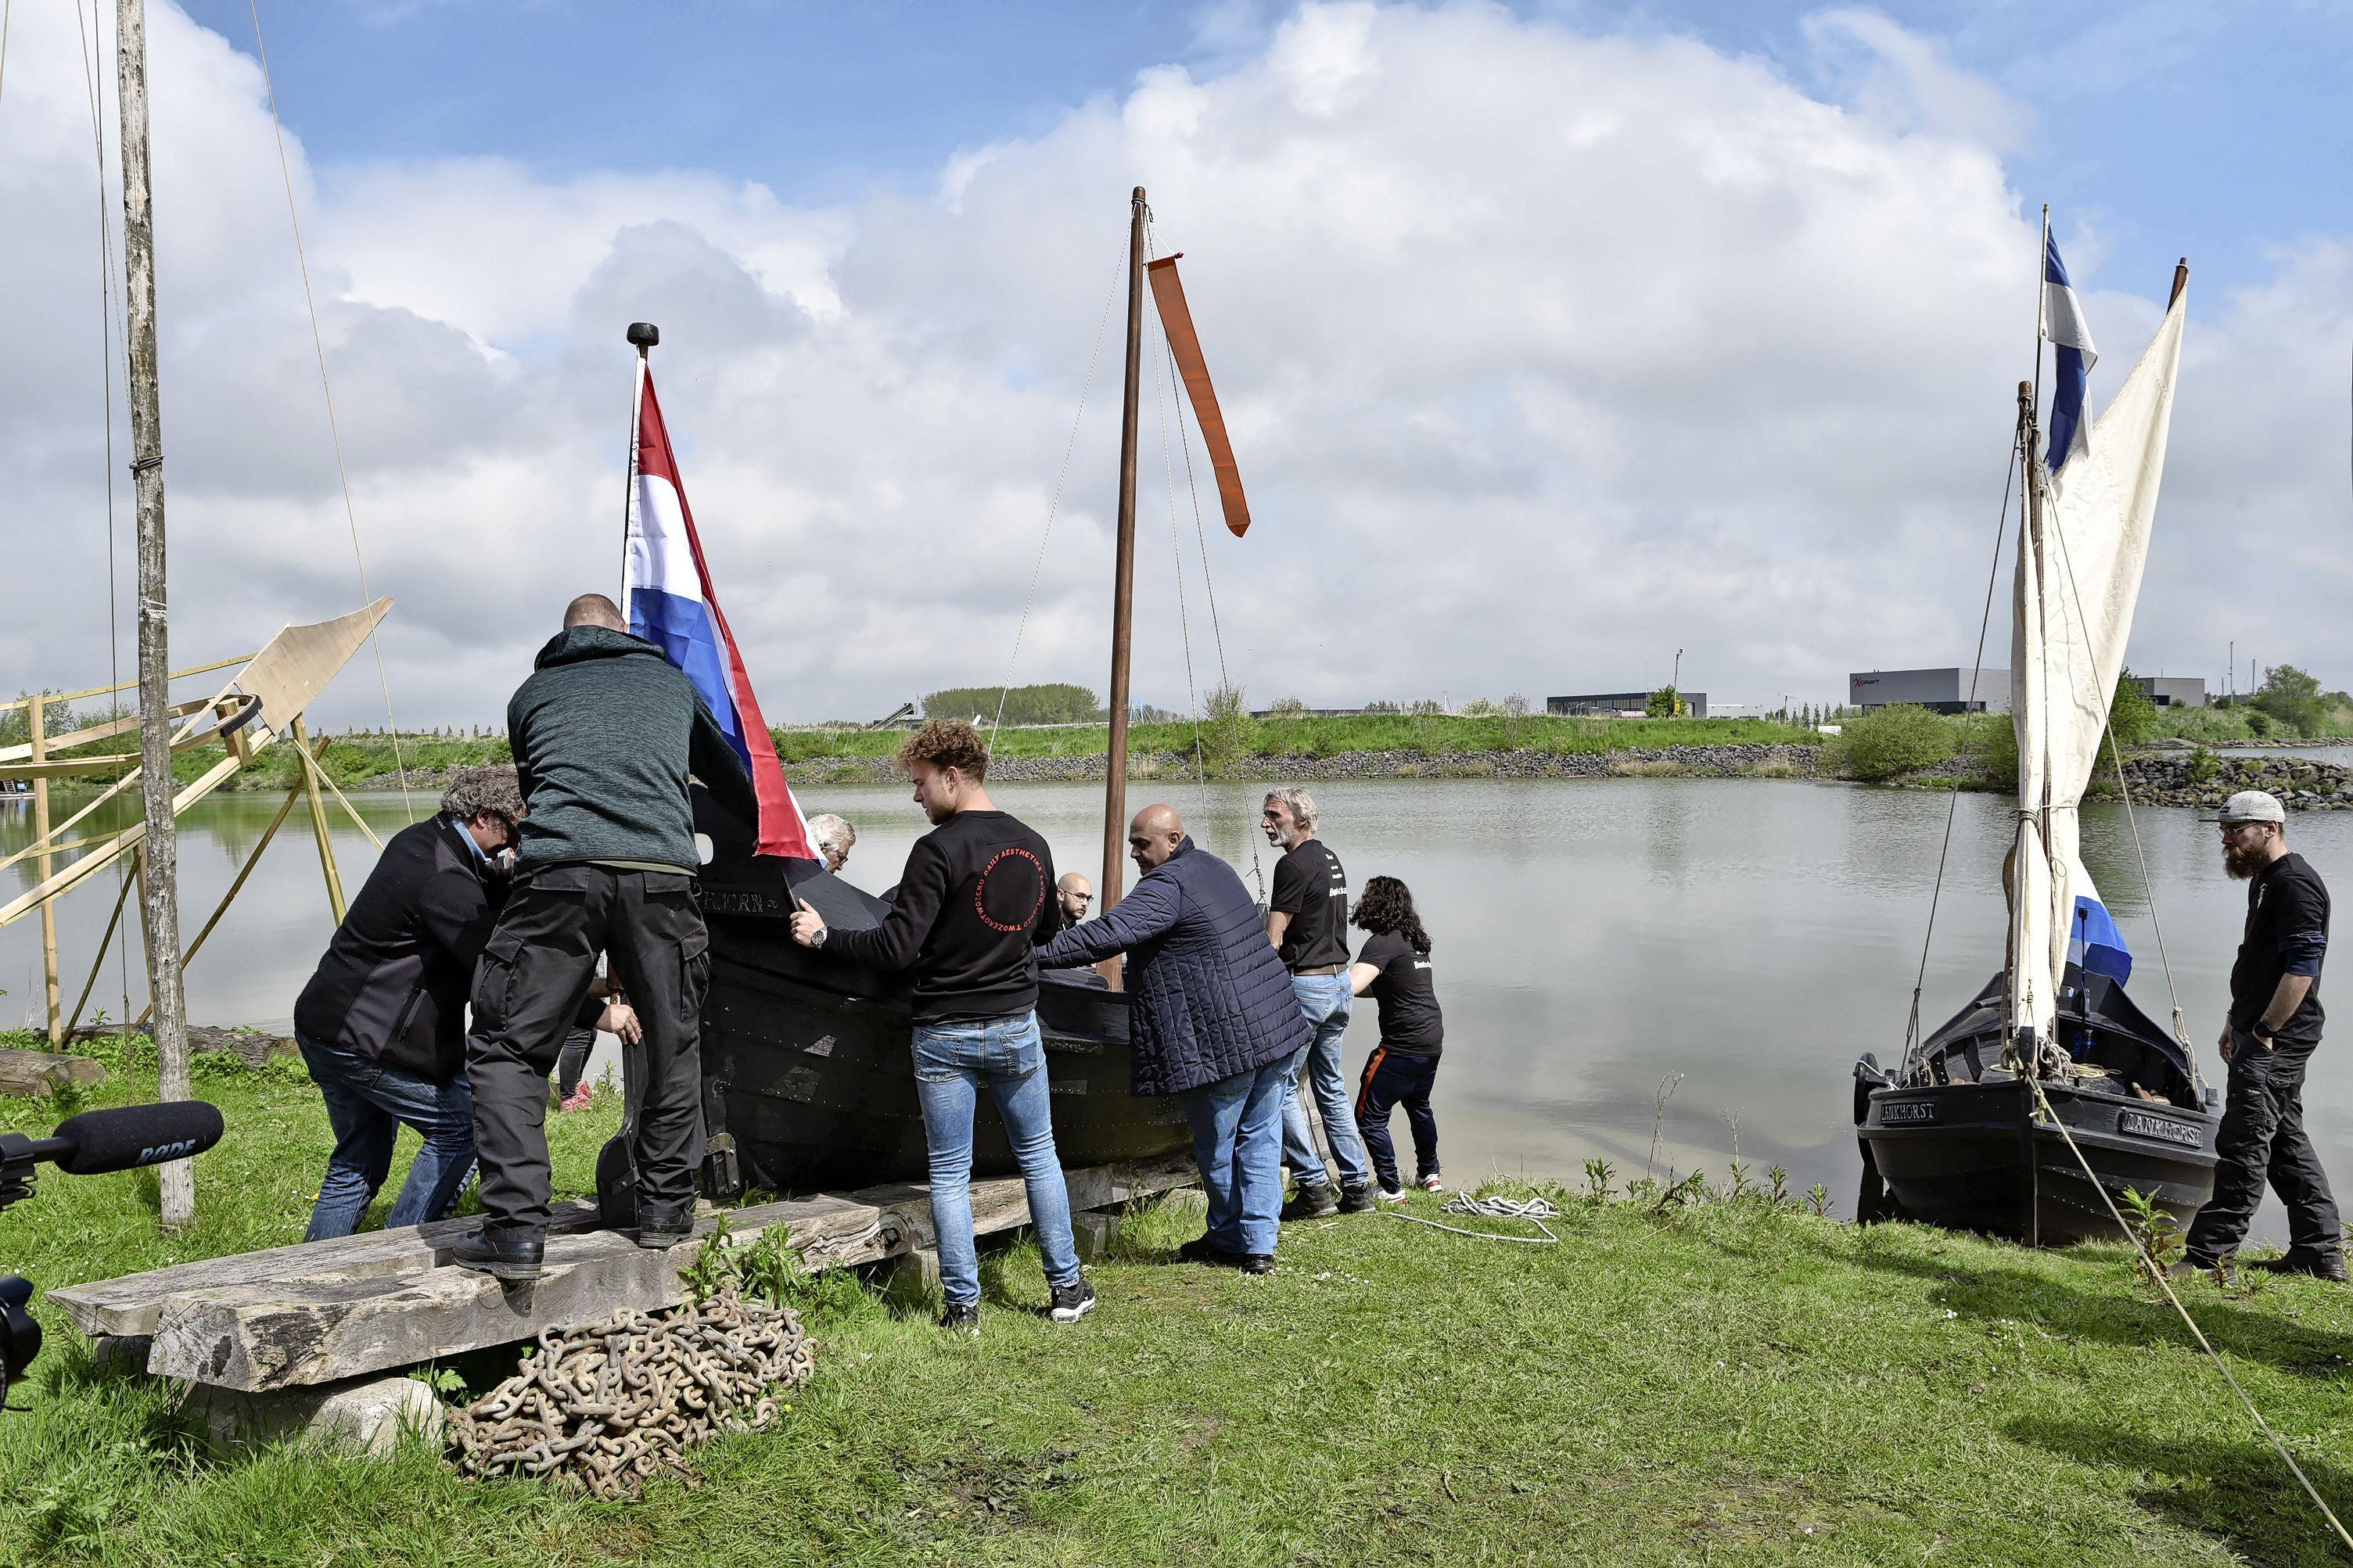 'Trots op bont gezelschap bouwers, Schelphoek is hún werkboot'. Nieuw schip van afvalpastic meteen aan het werk gezet